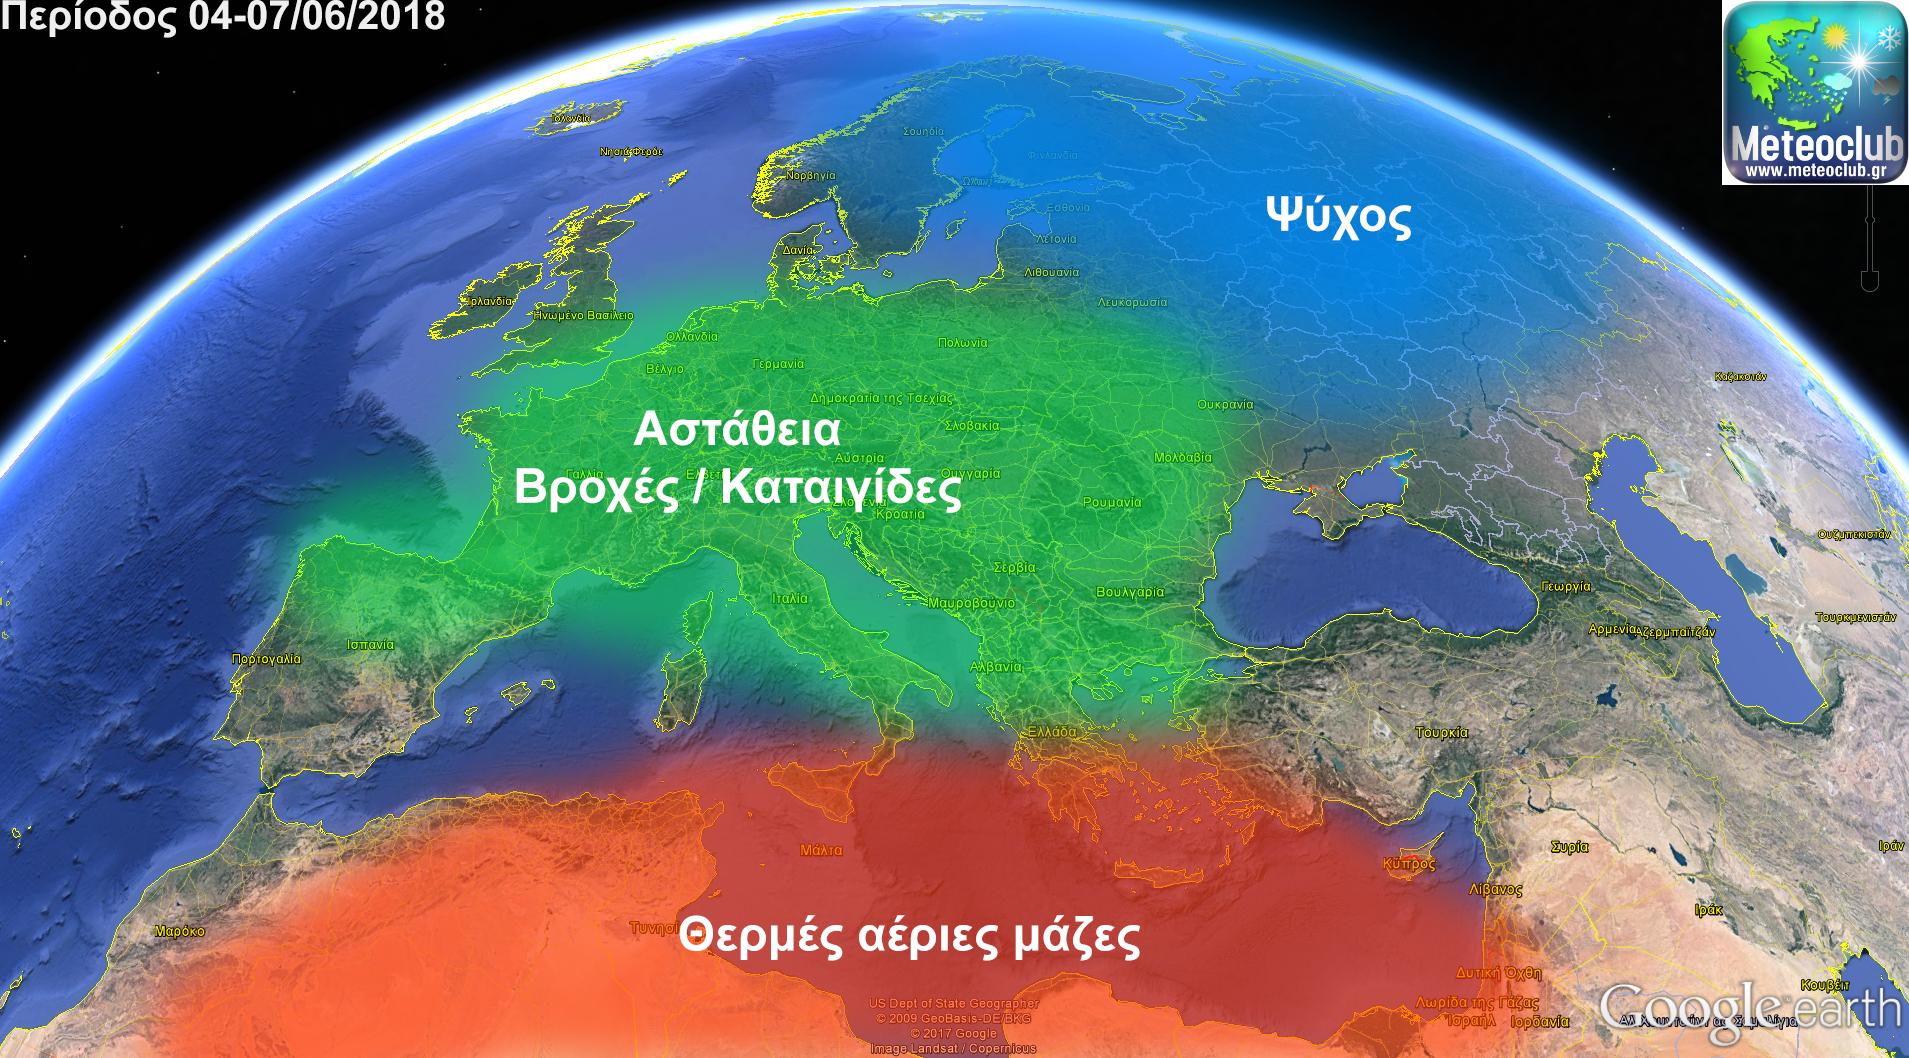 evropaikos-xartis-sos-04me07-06-2018